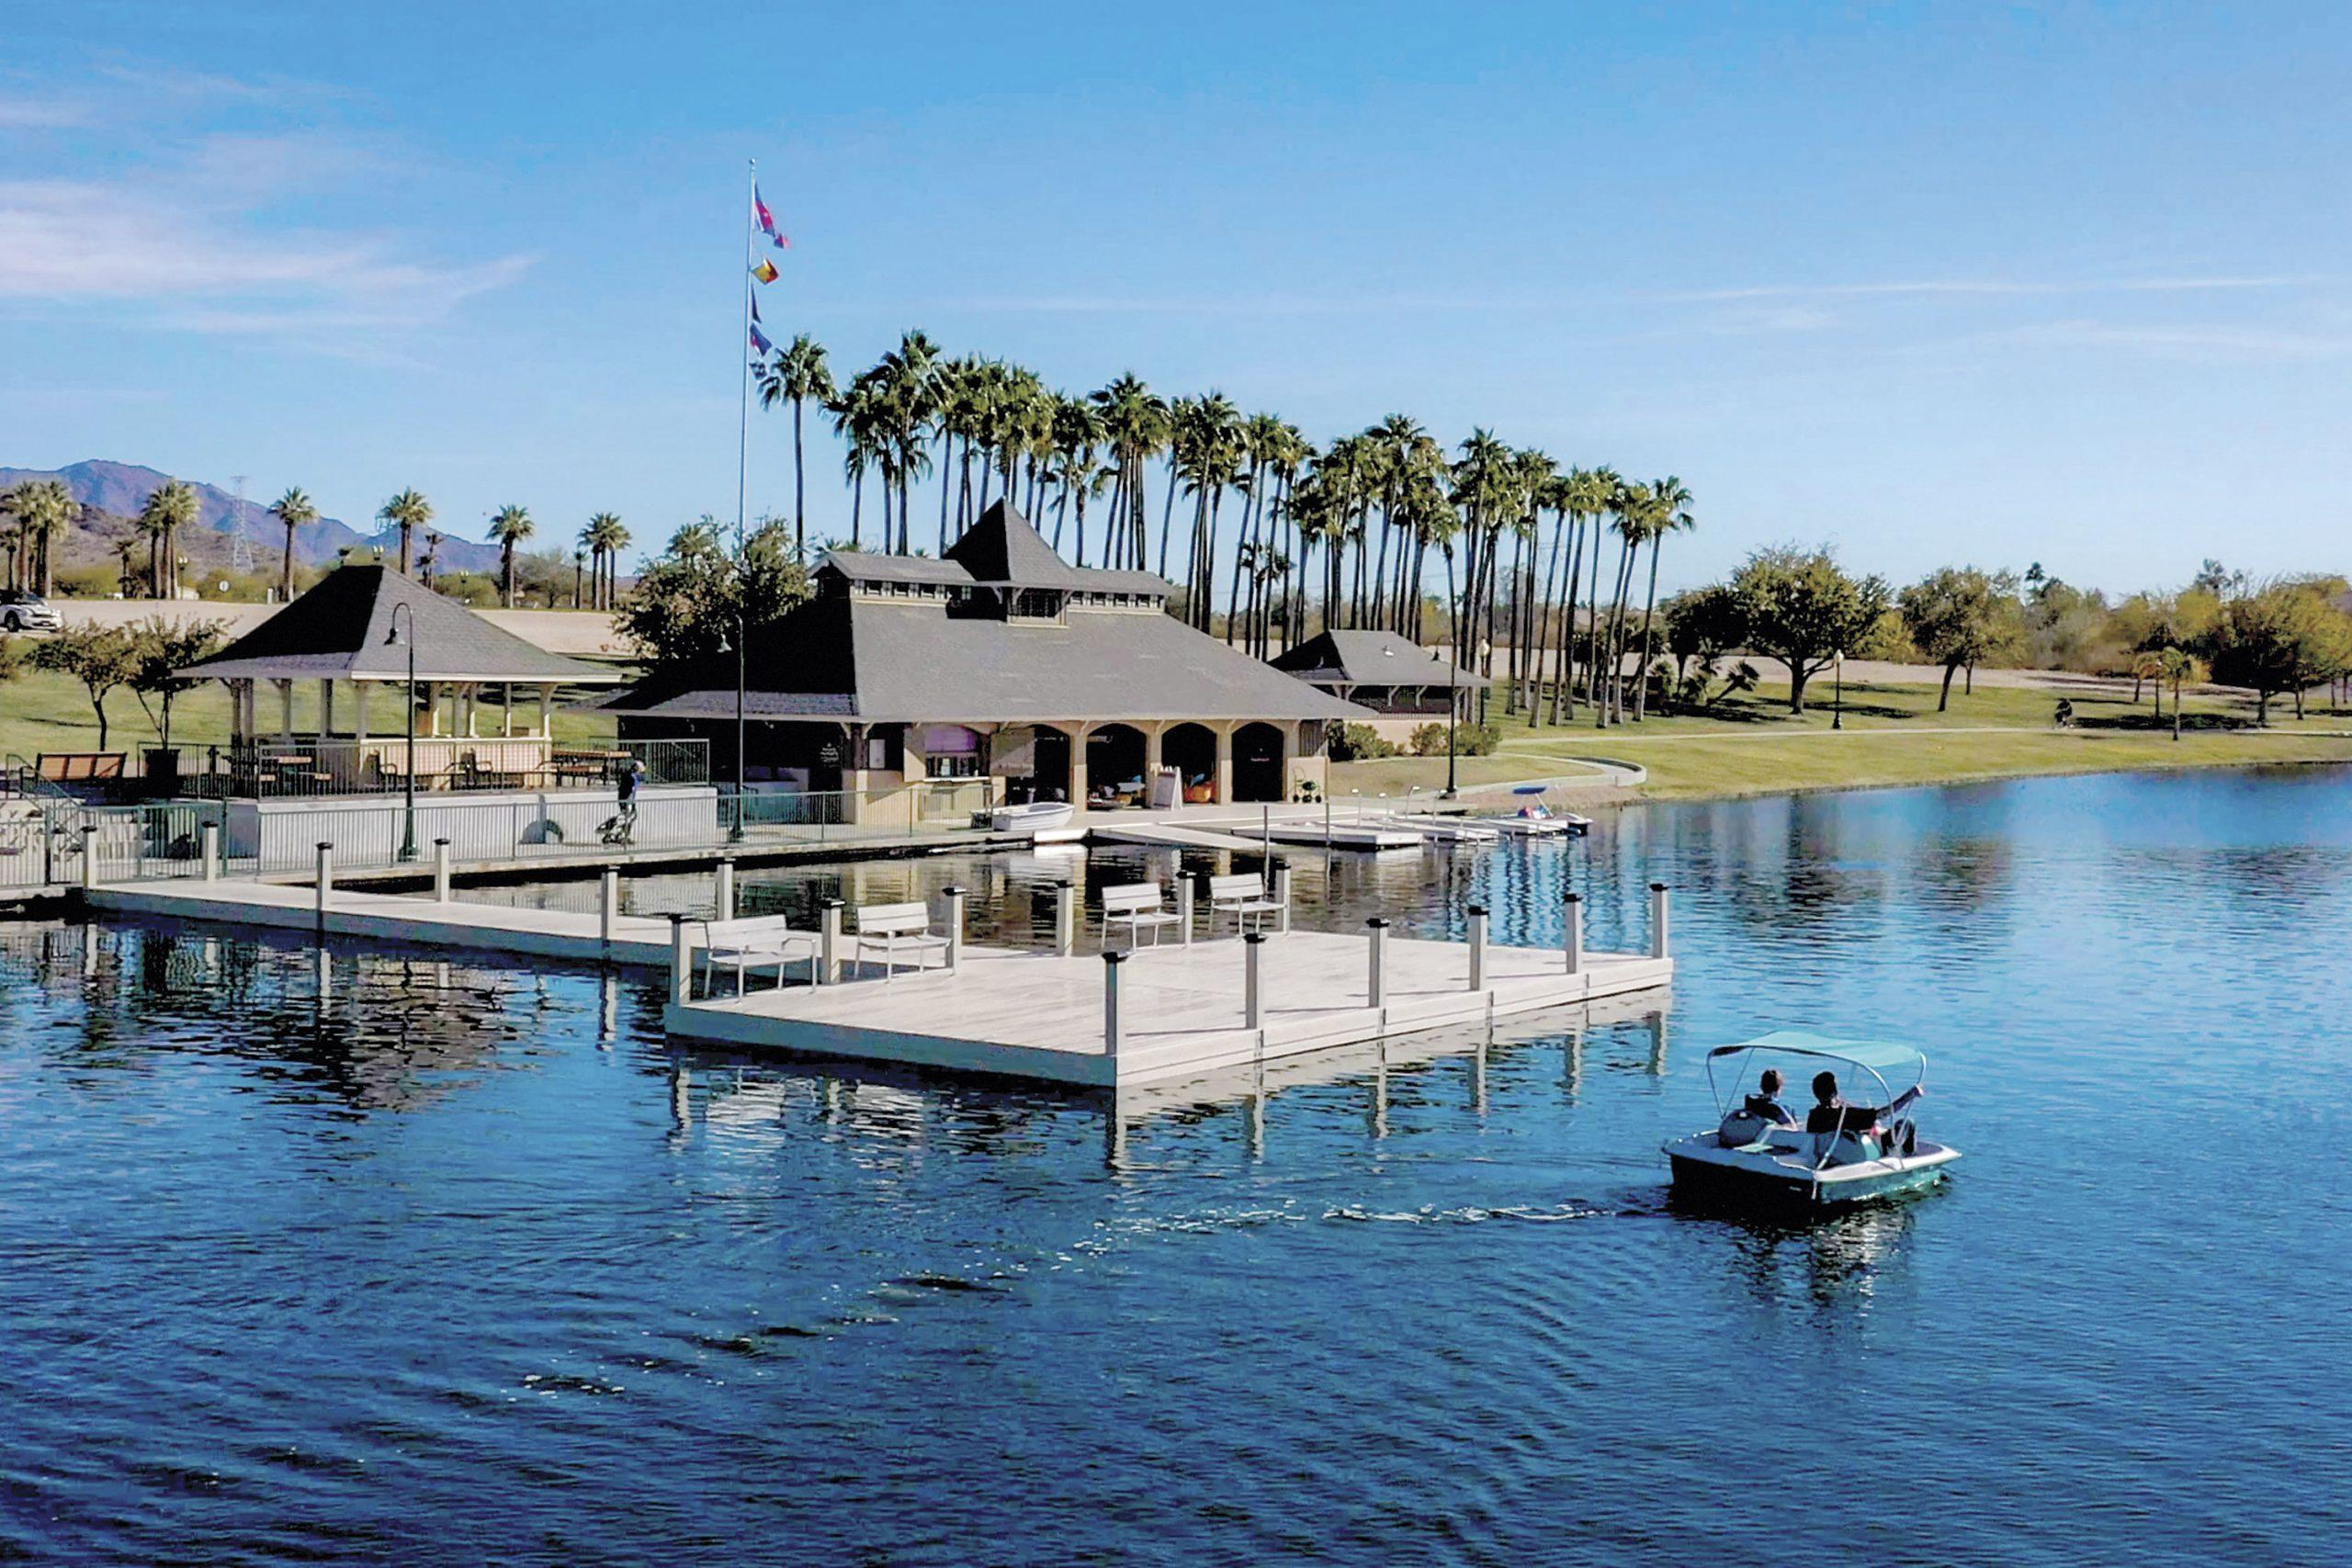 Marina and boating; Photo courtesy Estrella